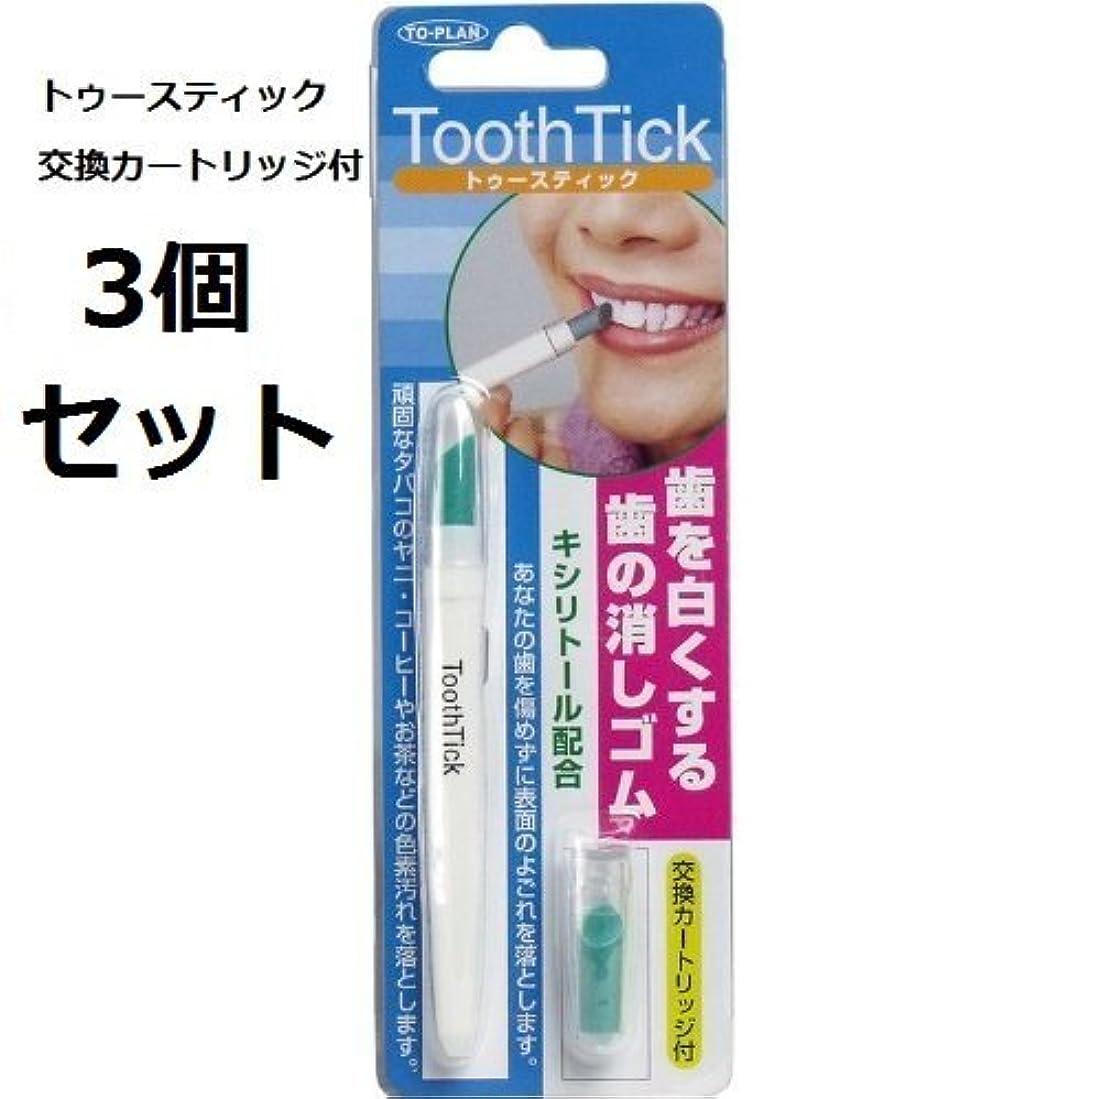 キャスト成り立つ王朝歯を白くする歯の消しゴム トゥースティック 交換カートリッジ付 3個セット